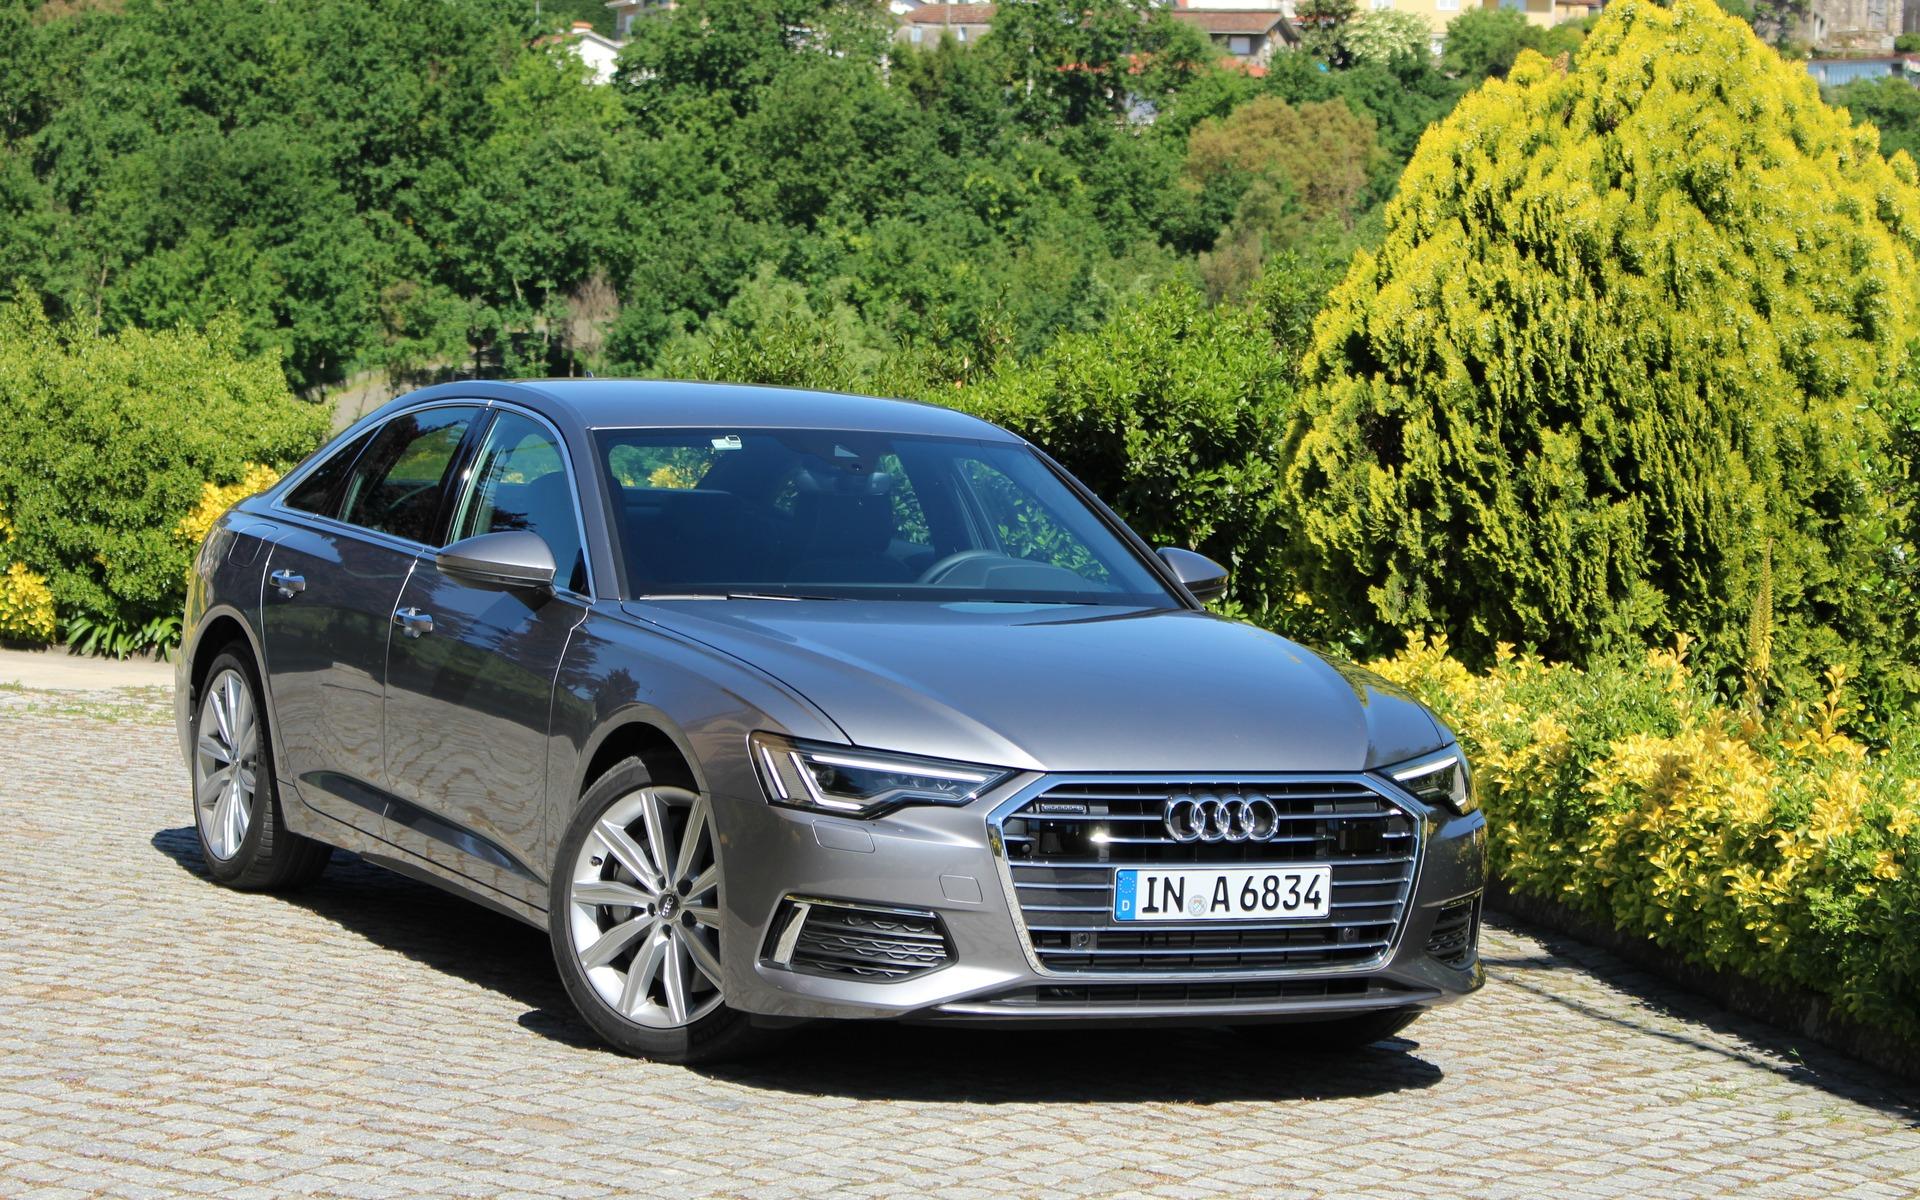 2019 Audi A6: Do-it-all Luxury Sedan